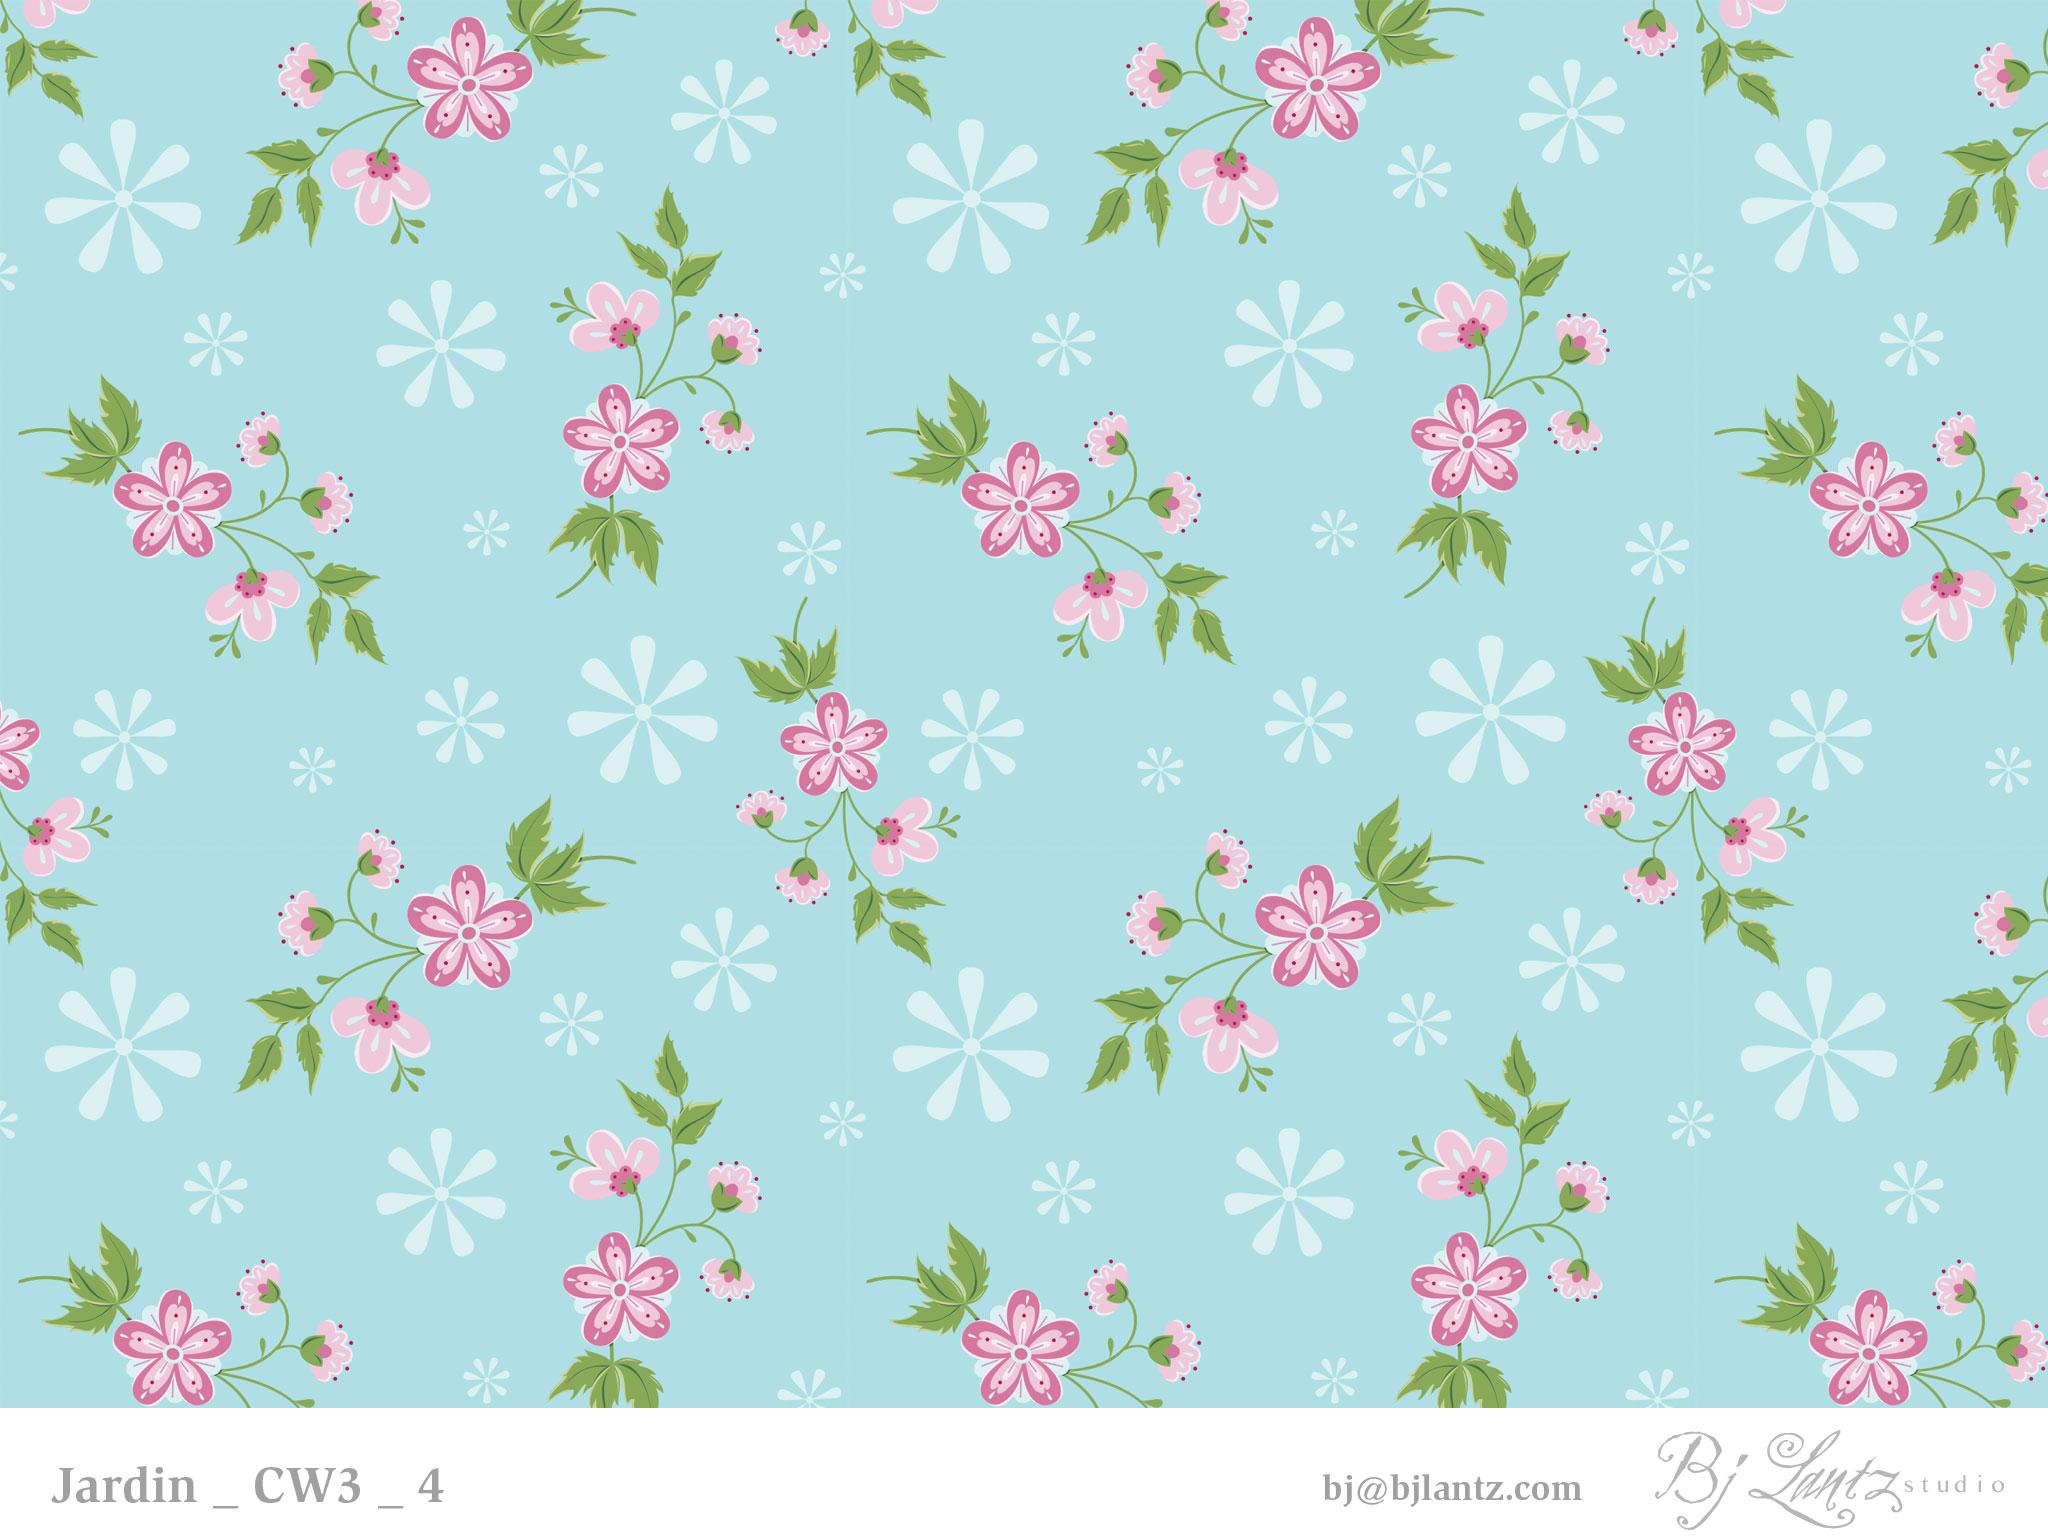 Jardin_CW3-BJ-Lantz_4.jpg